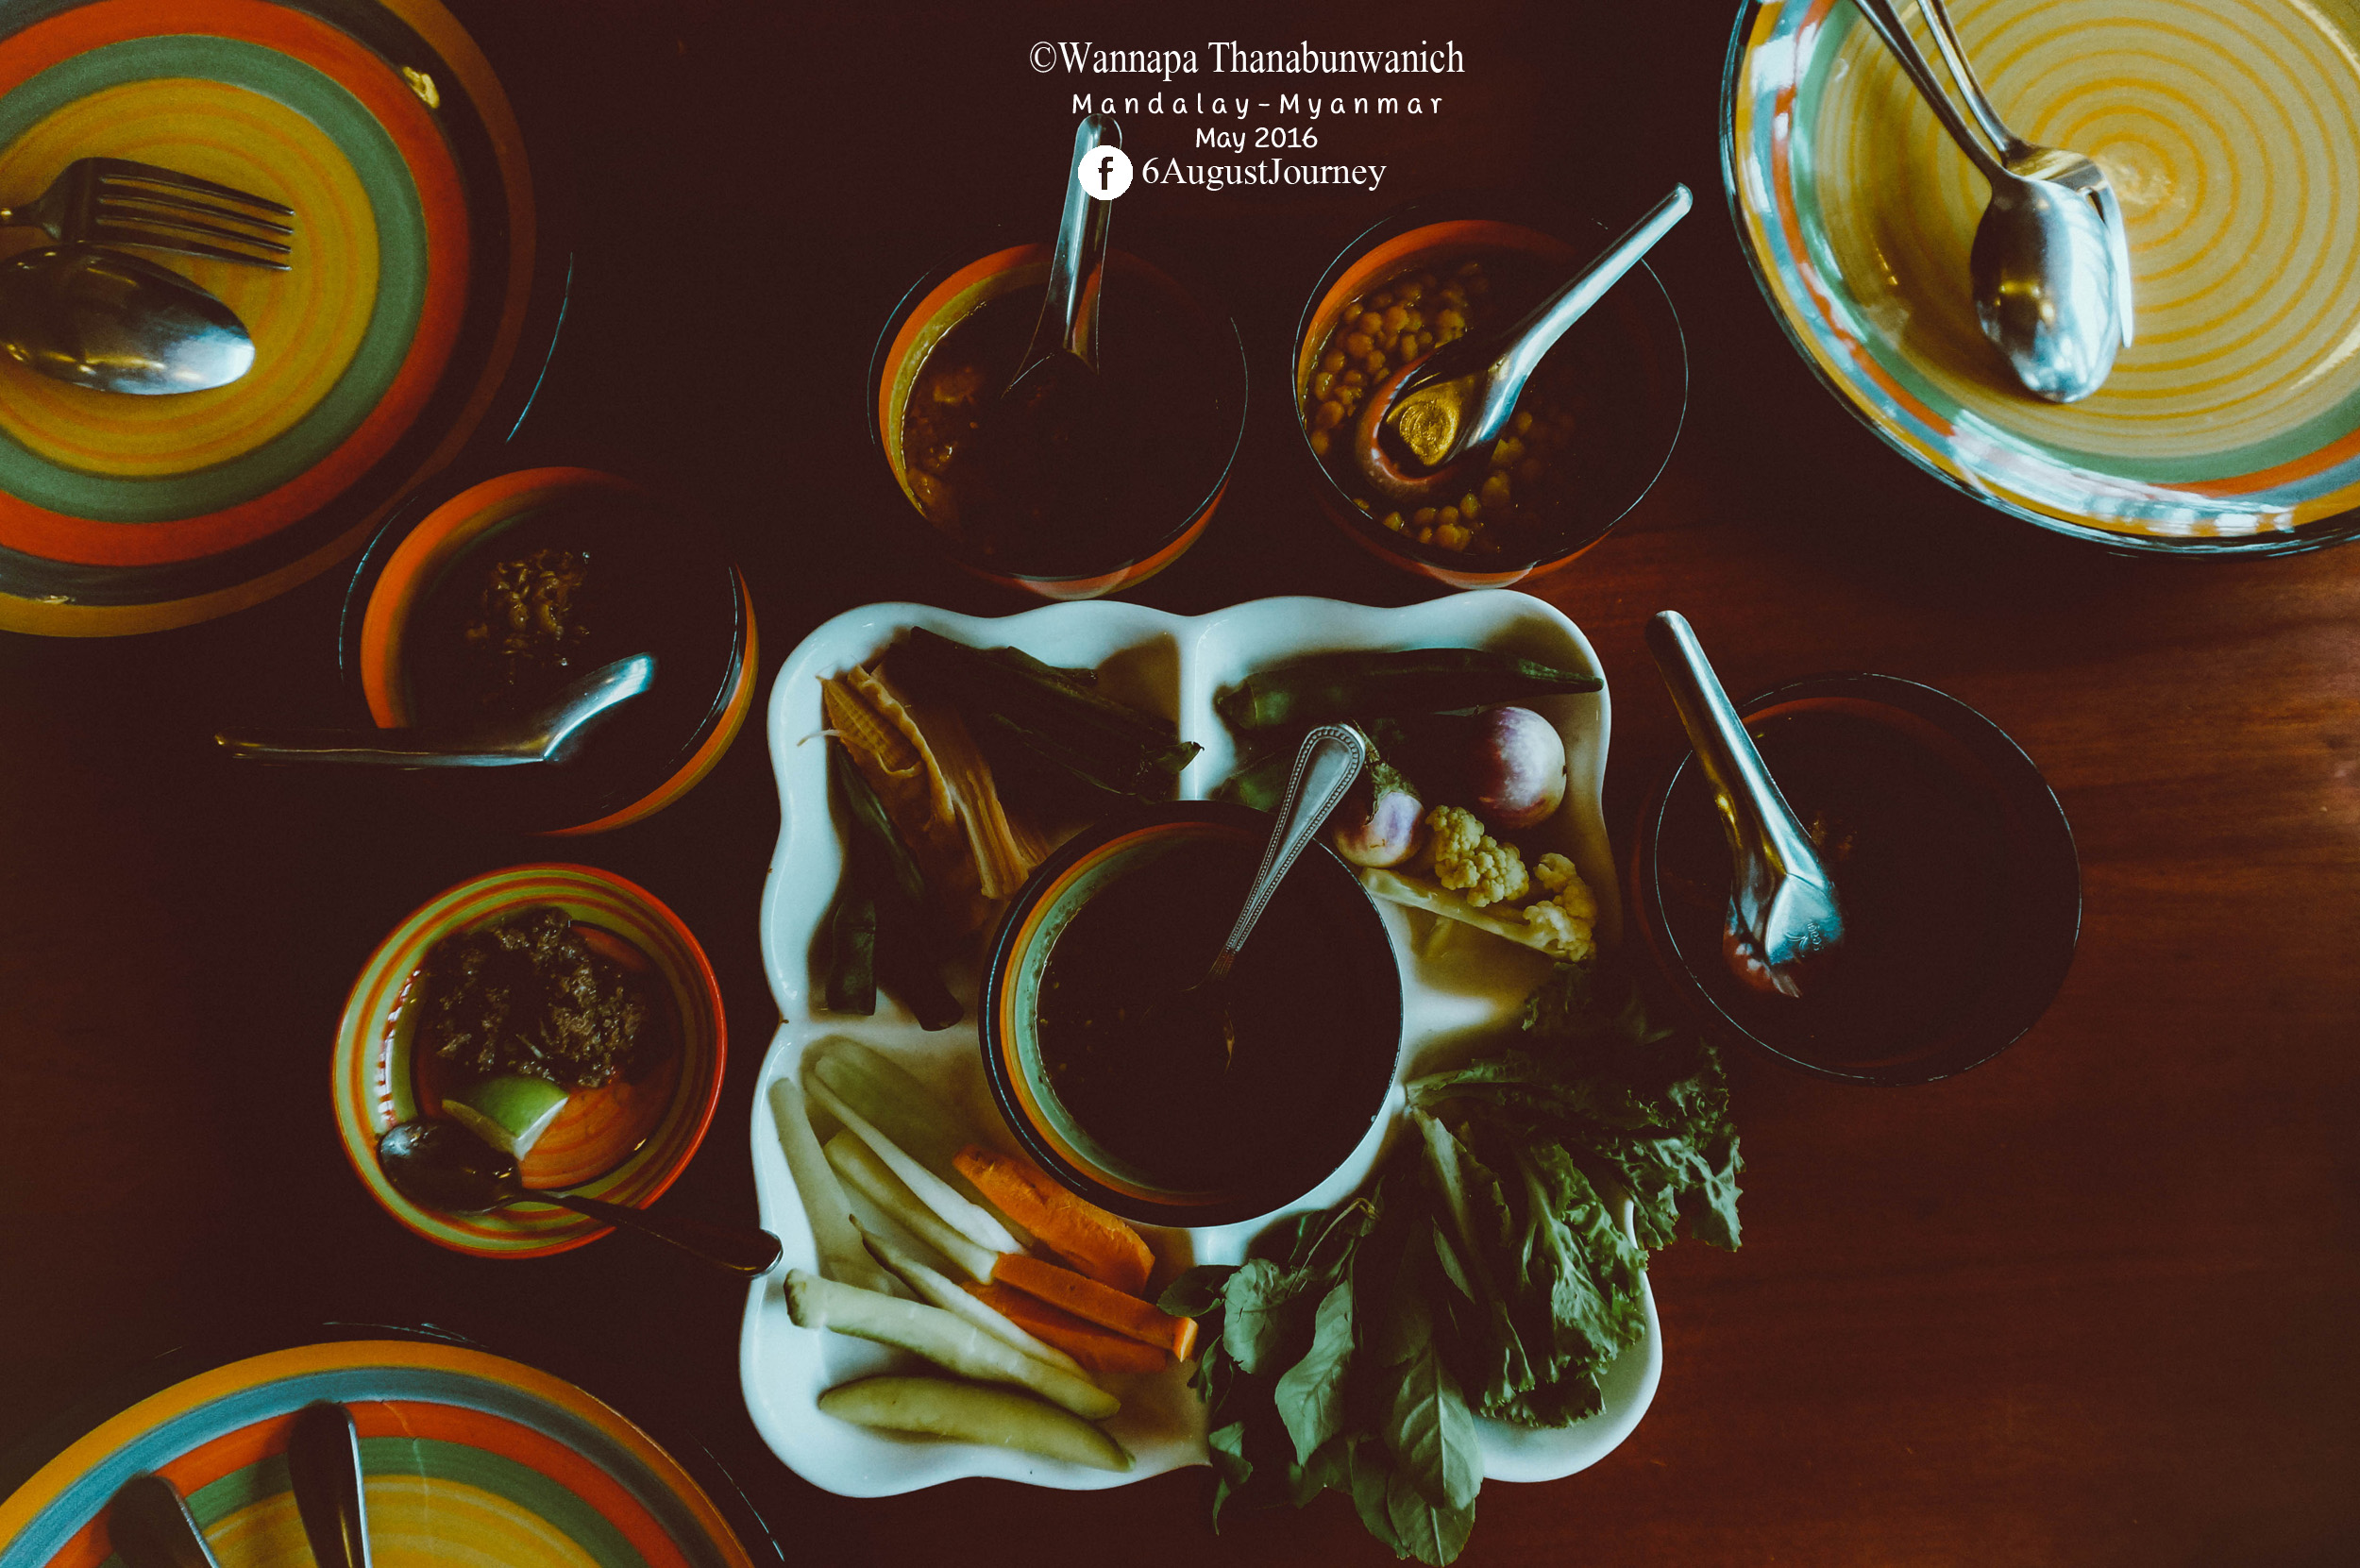 อาหารพม่าแท้